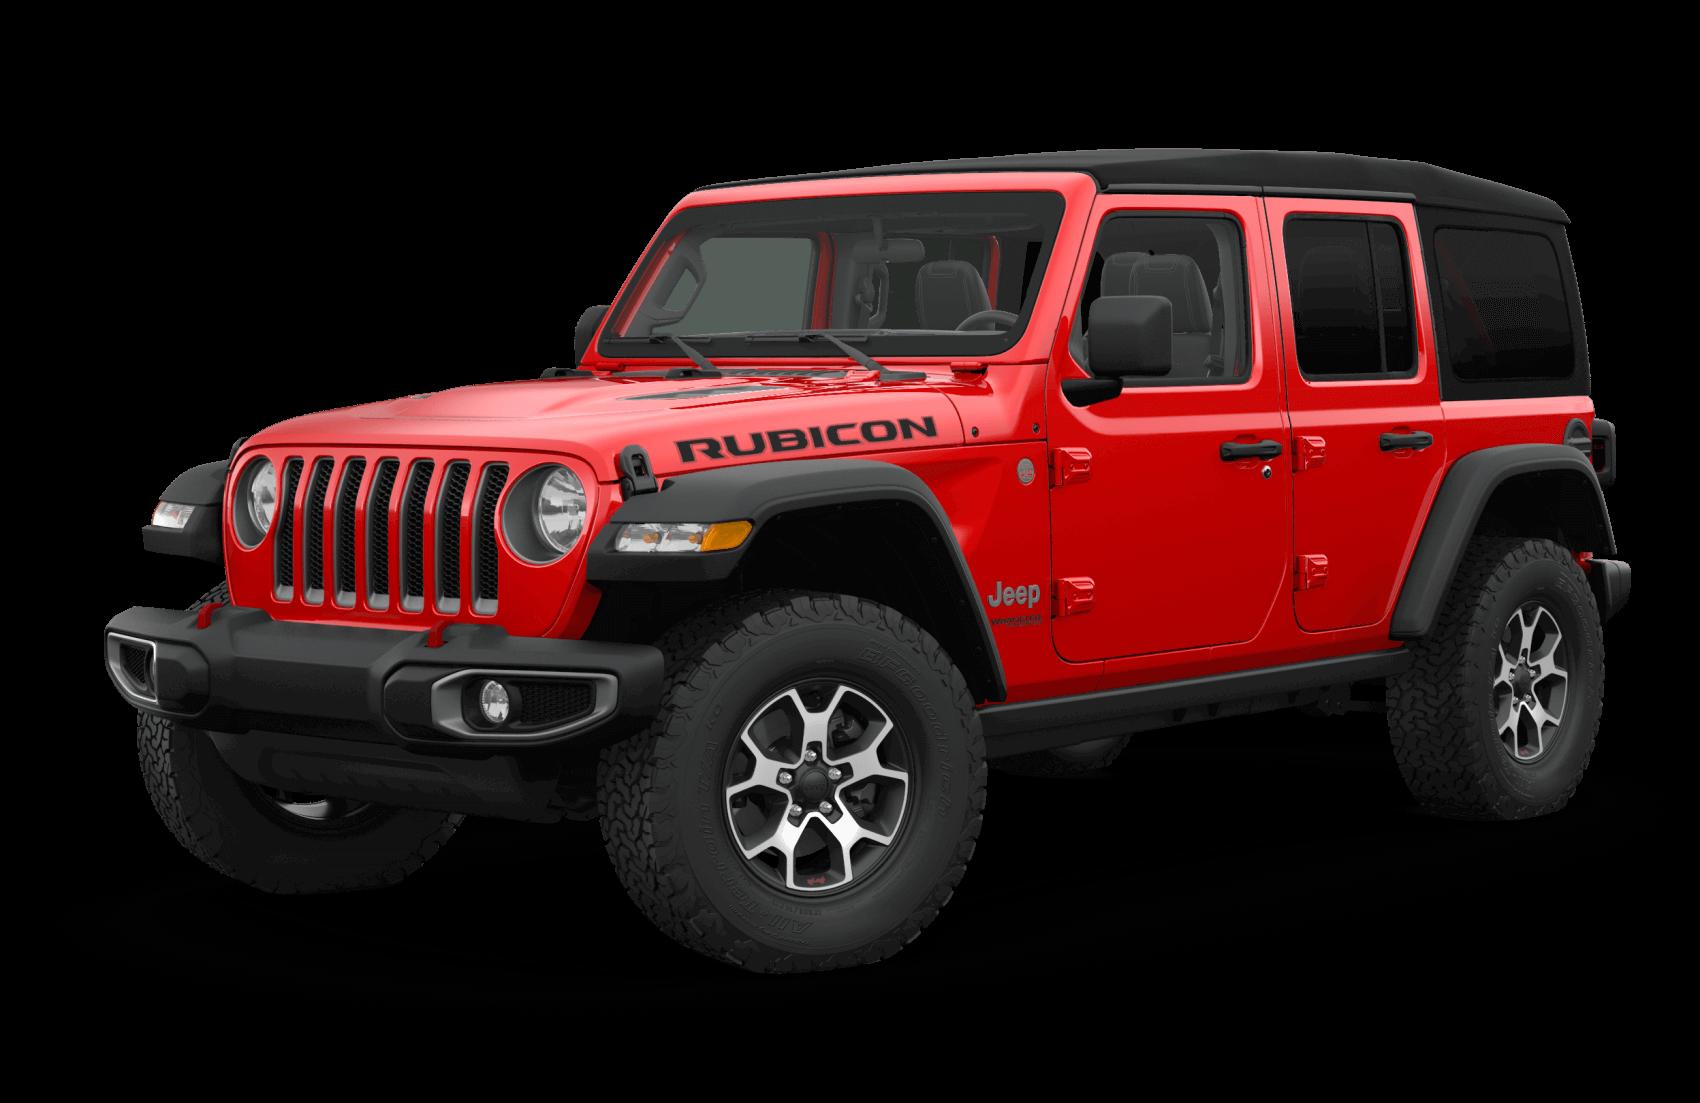 2021 Jeep Wrangler Red C. Harper CDJR